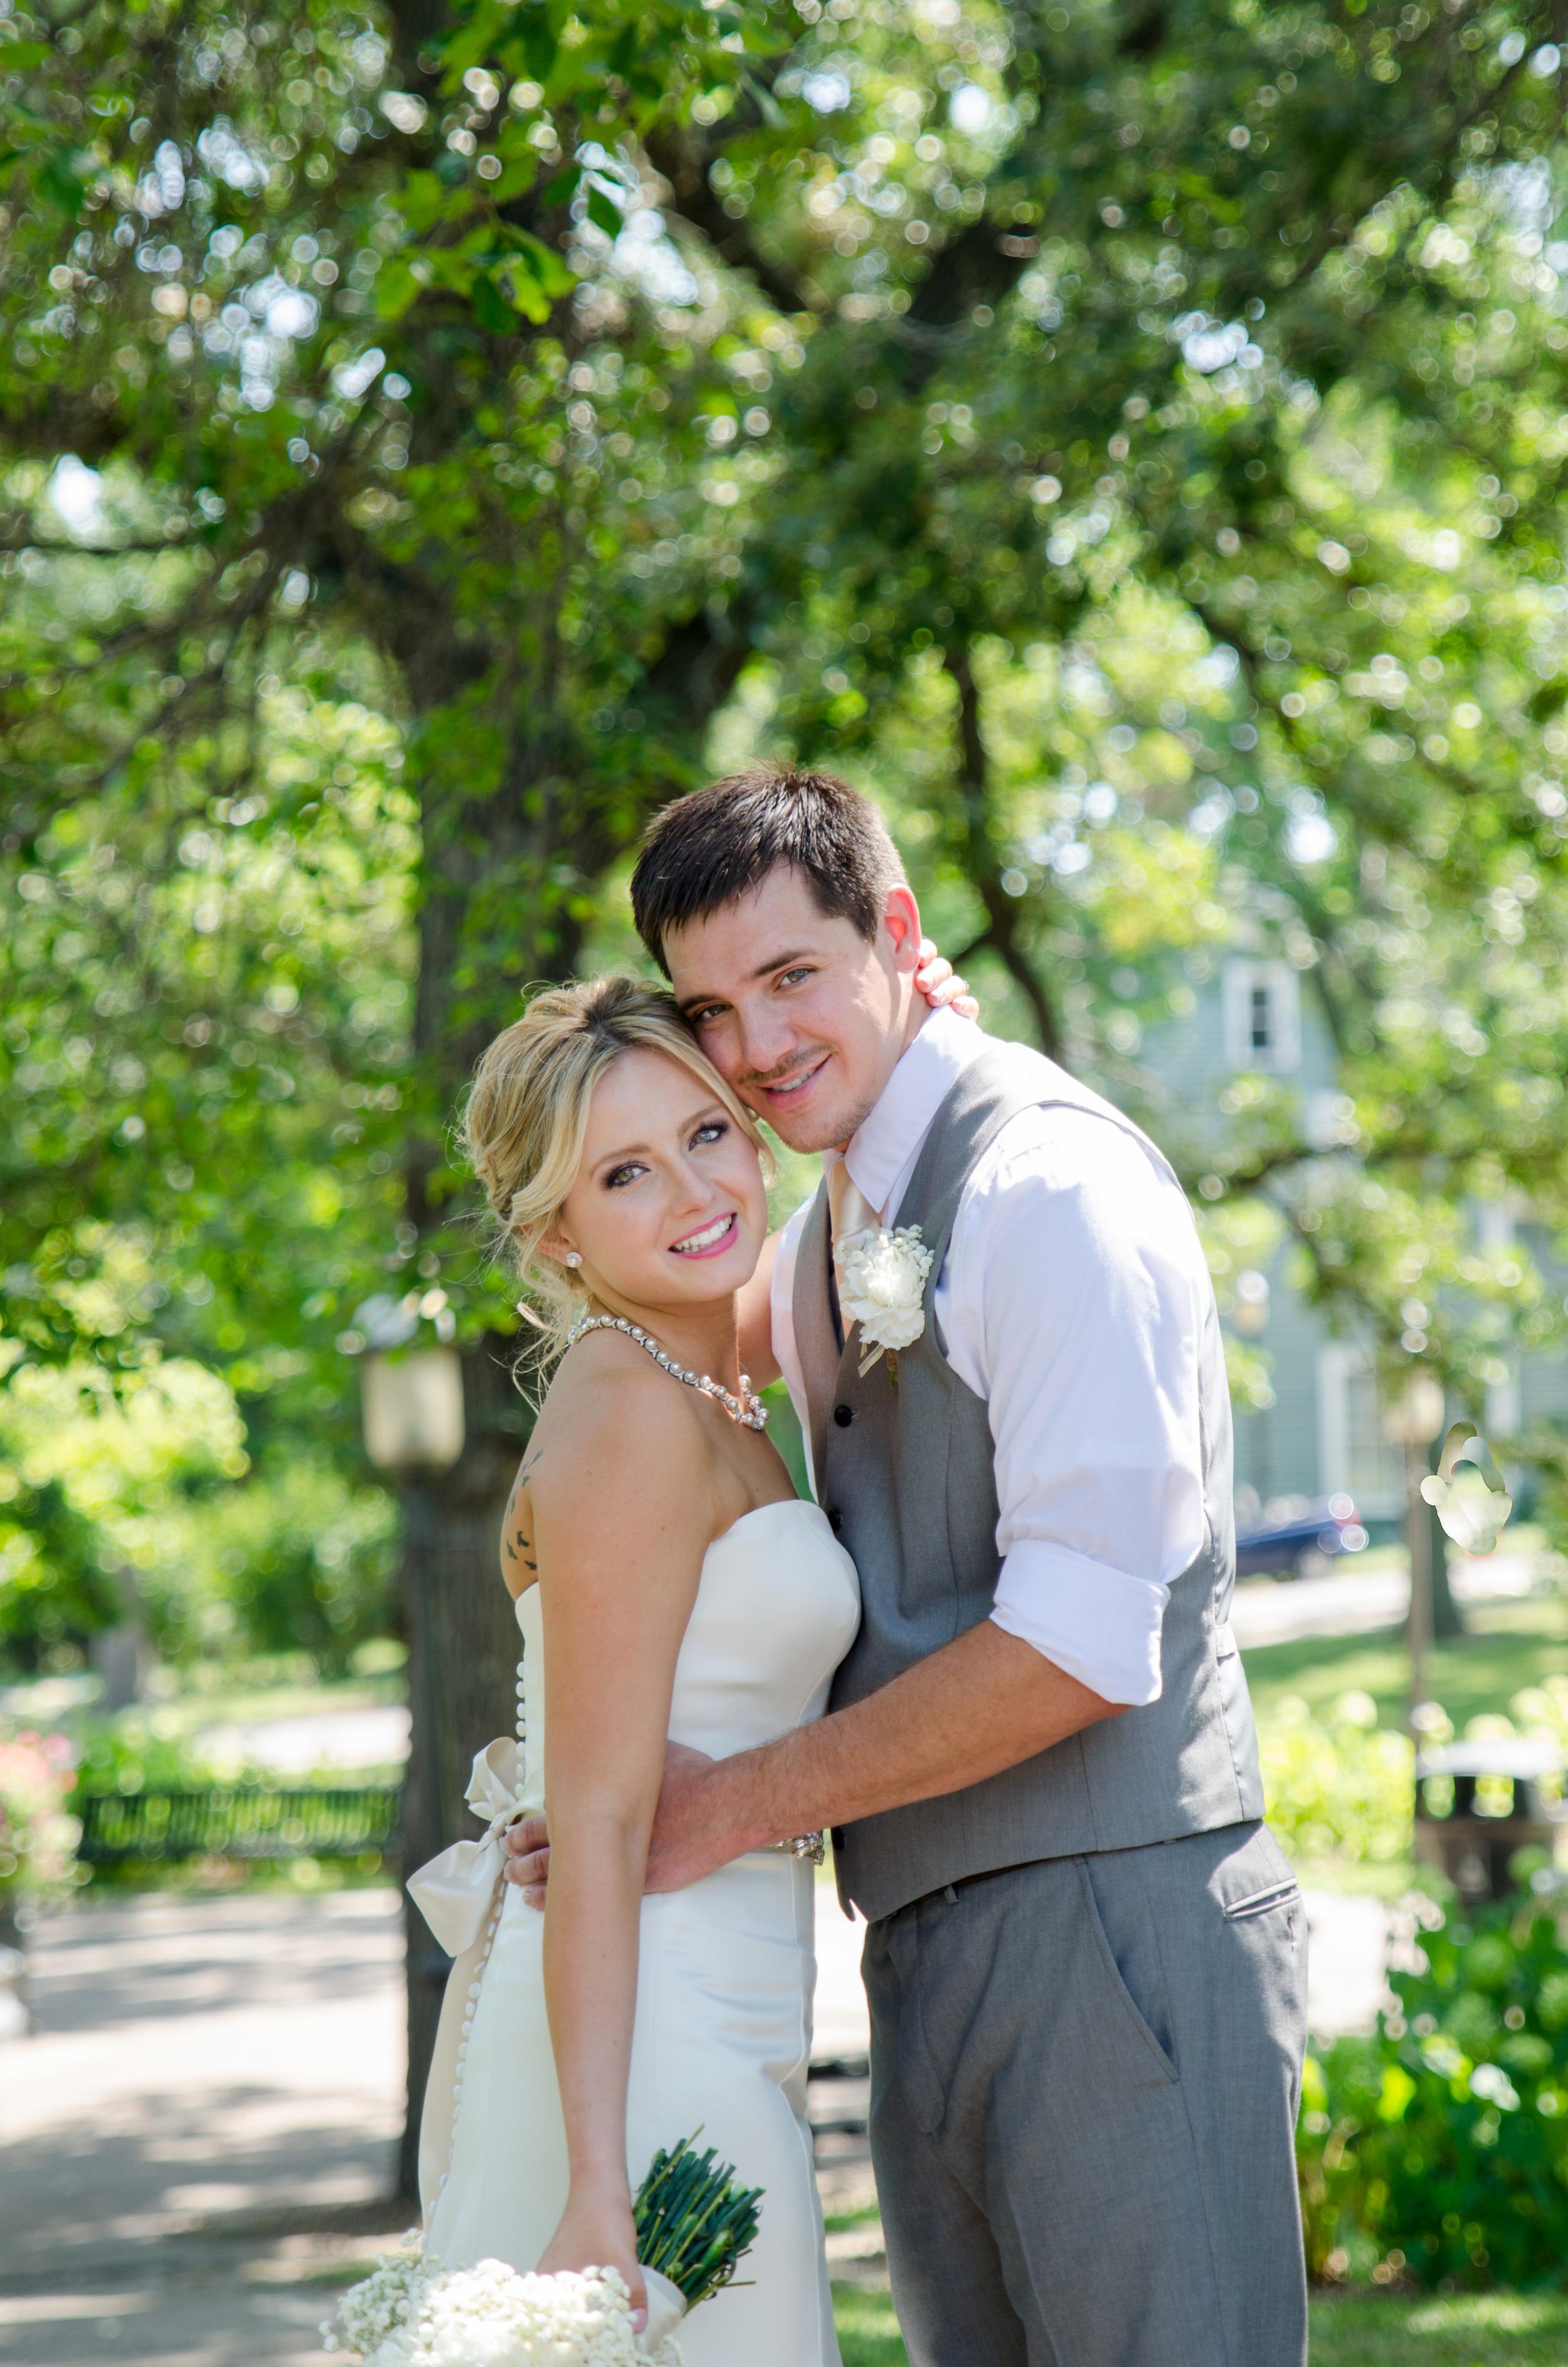 Joanna & Mike, St. Paul couple